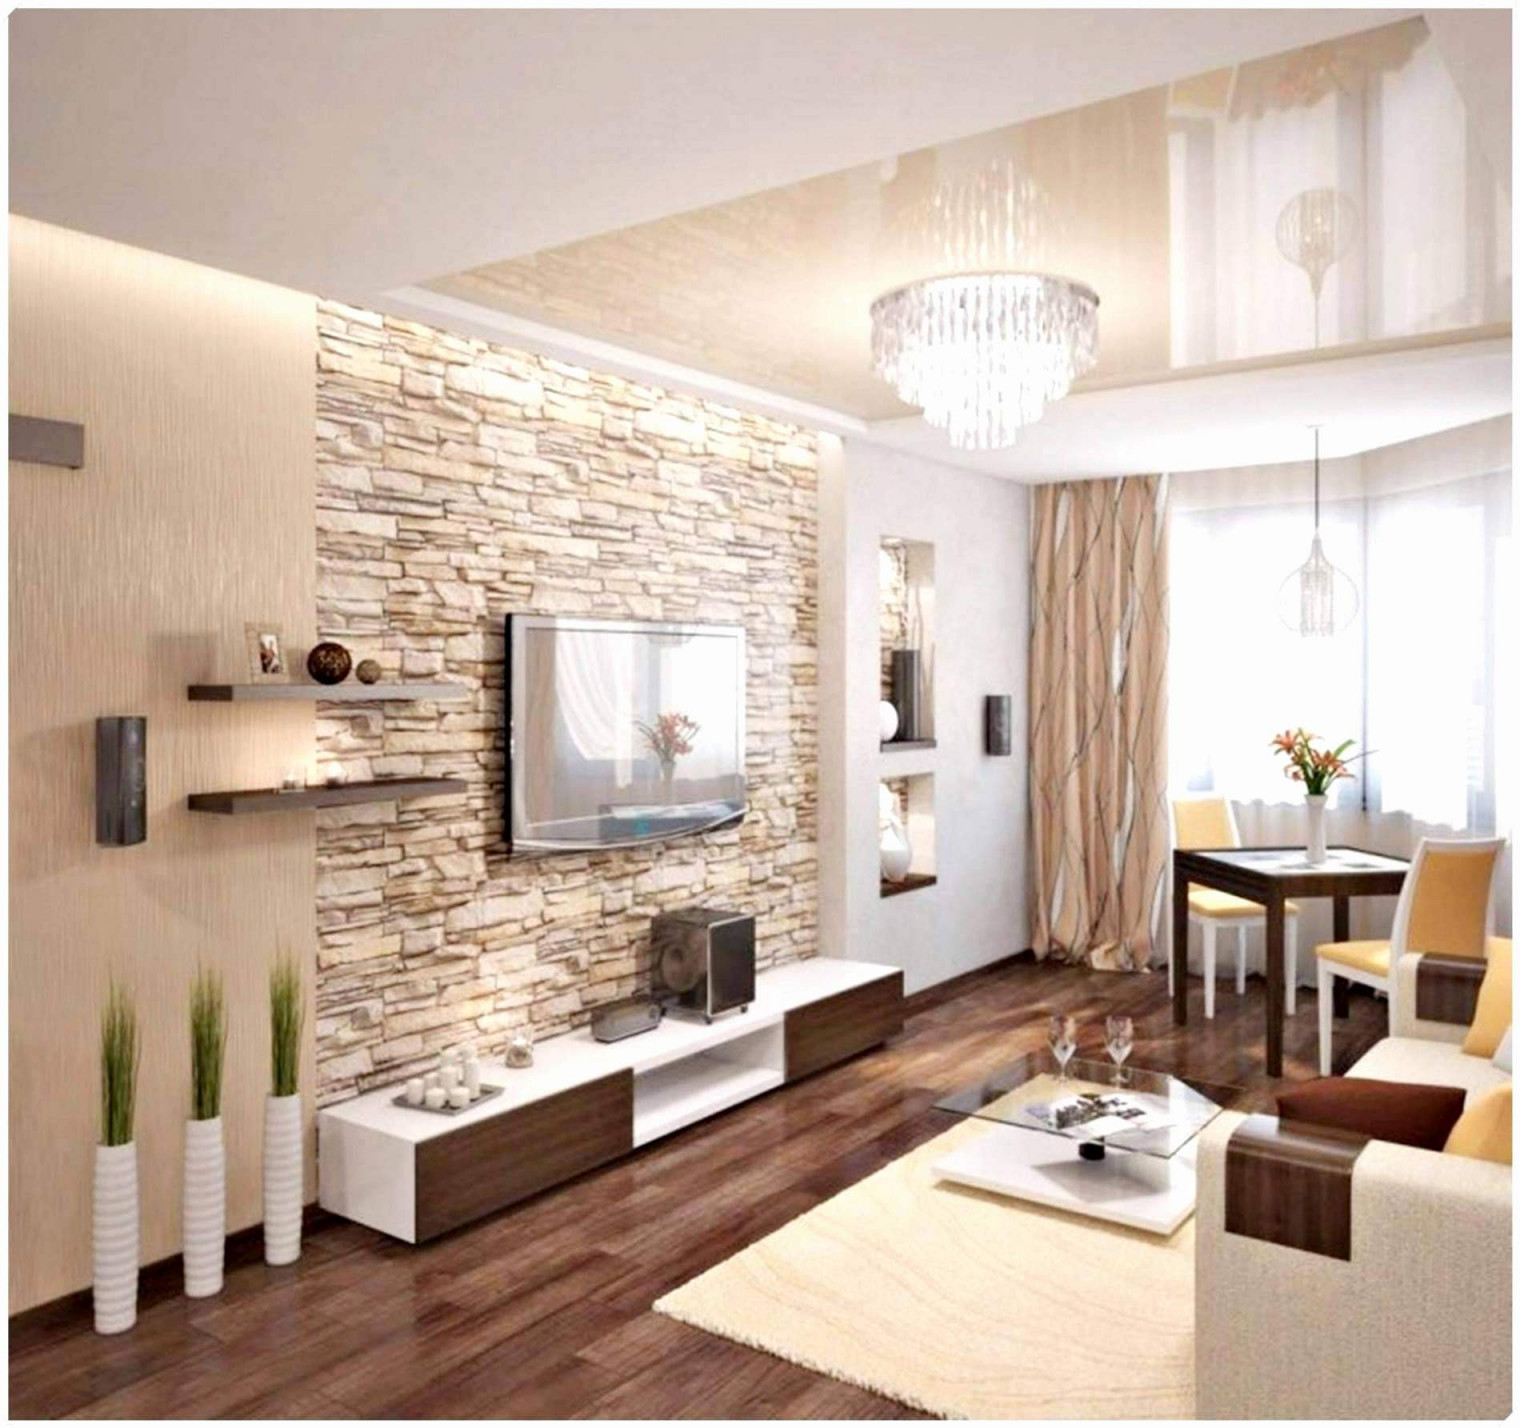 Moderne Wandgestaltung Ideen Wandgestaltung Wohnzimmer von Ideen Wohnzimmer Wände Gestalten Photo